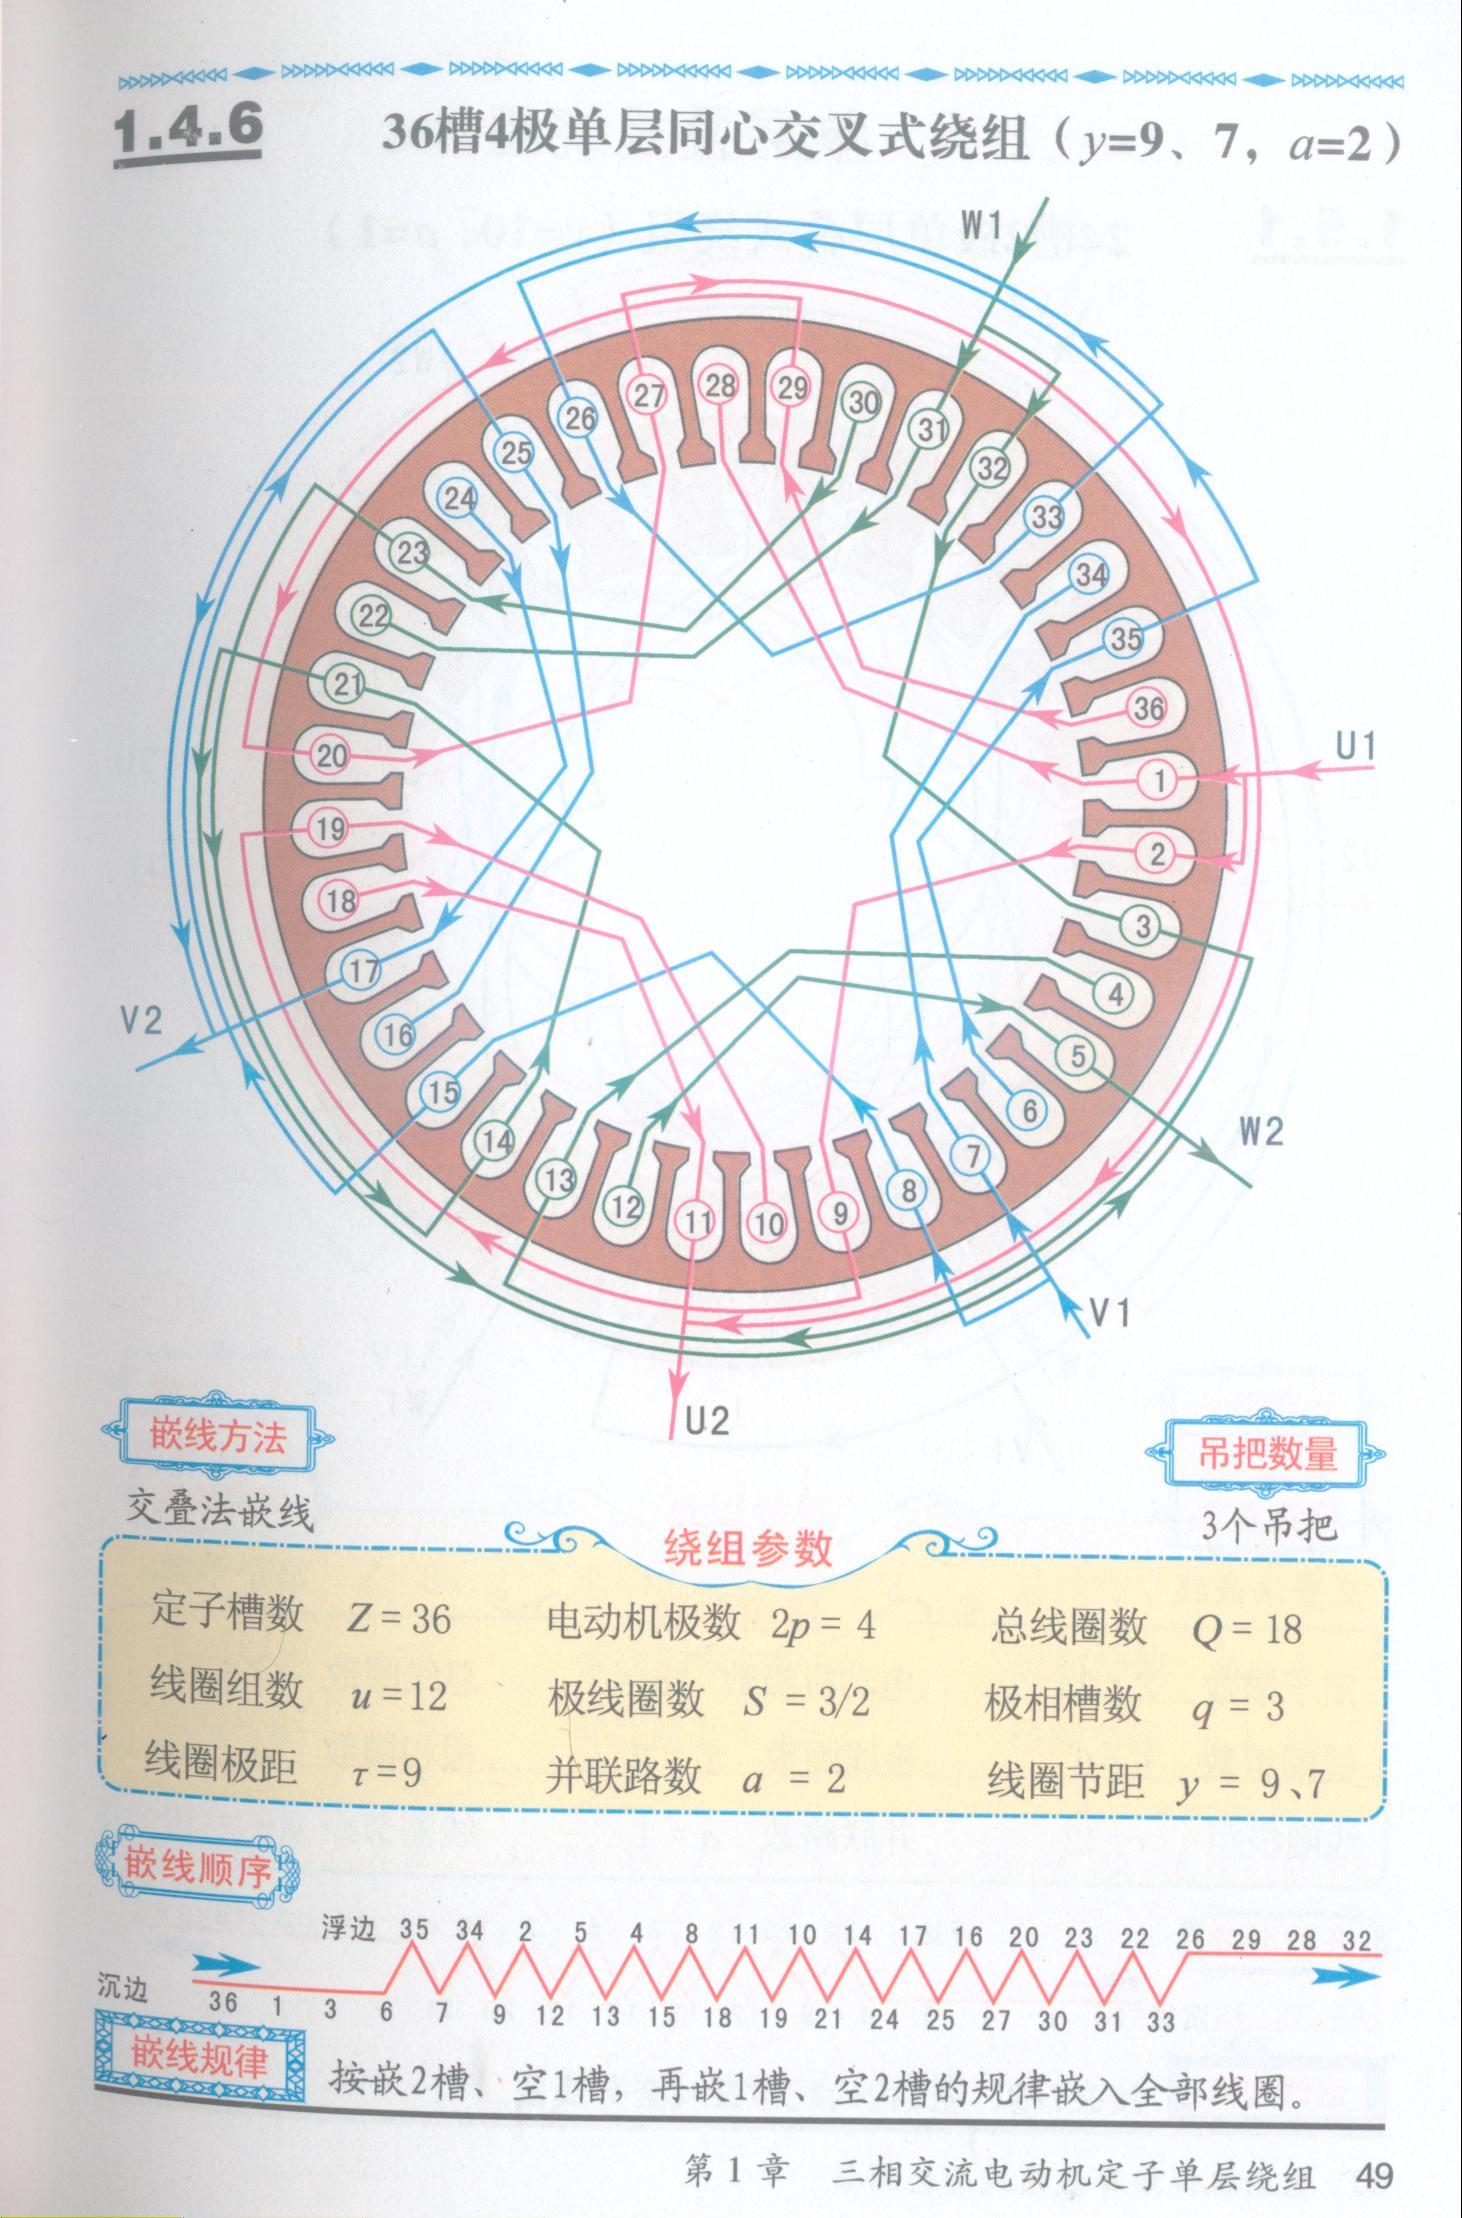 三相电机4级36槽单层交叉绕组2路怎么接线.知道说一下